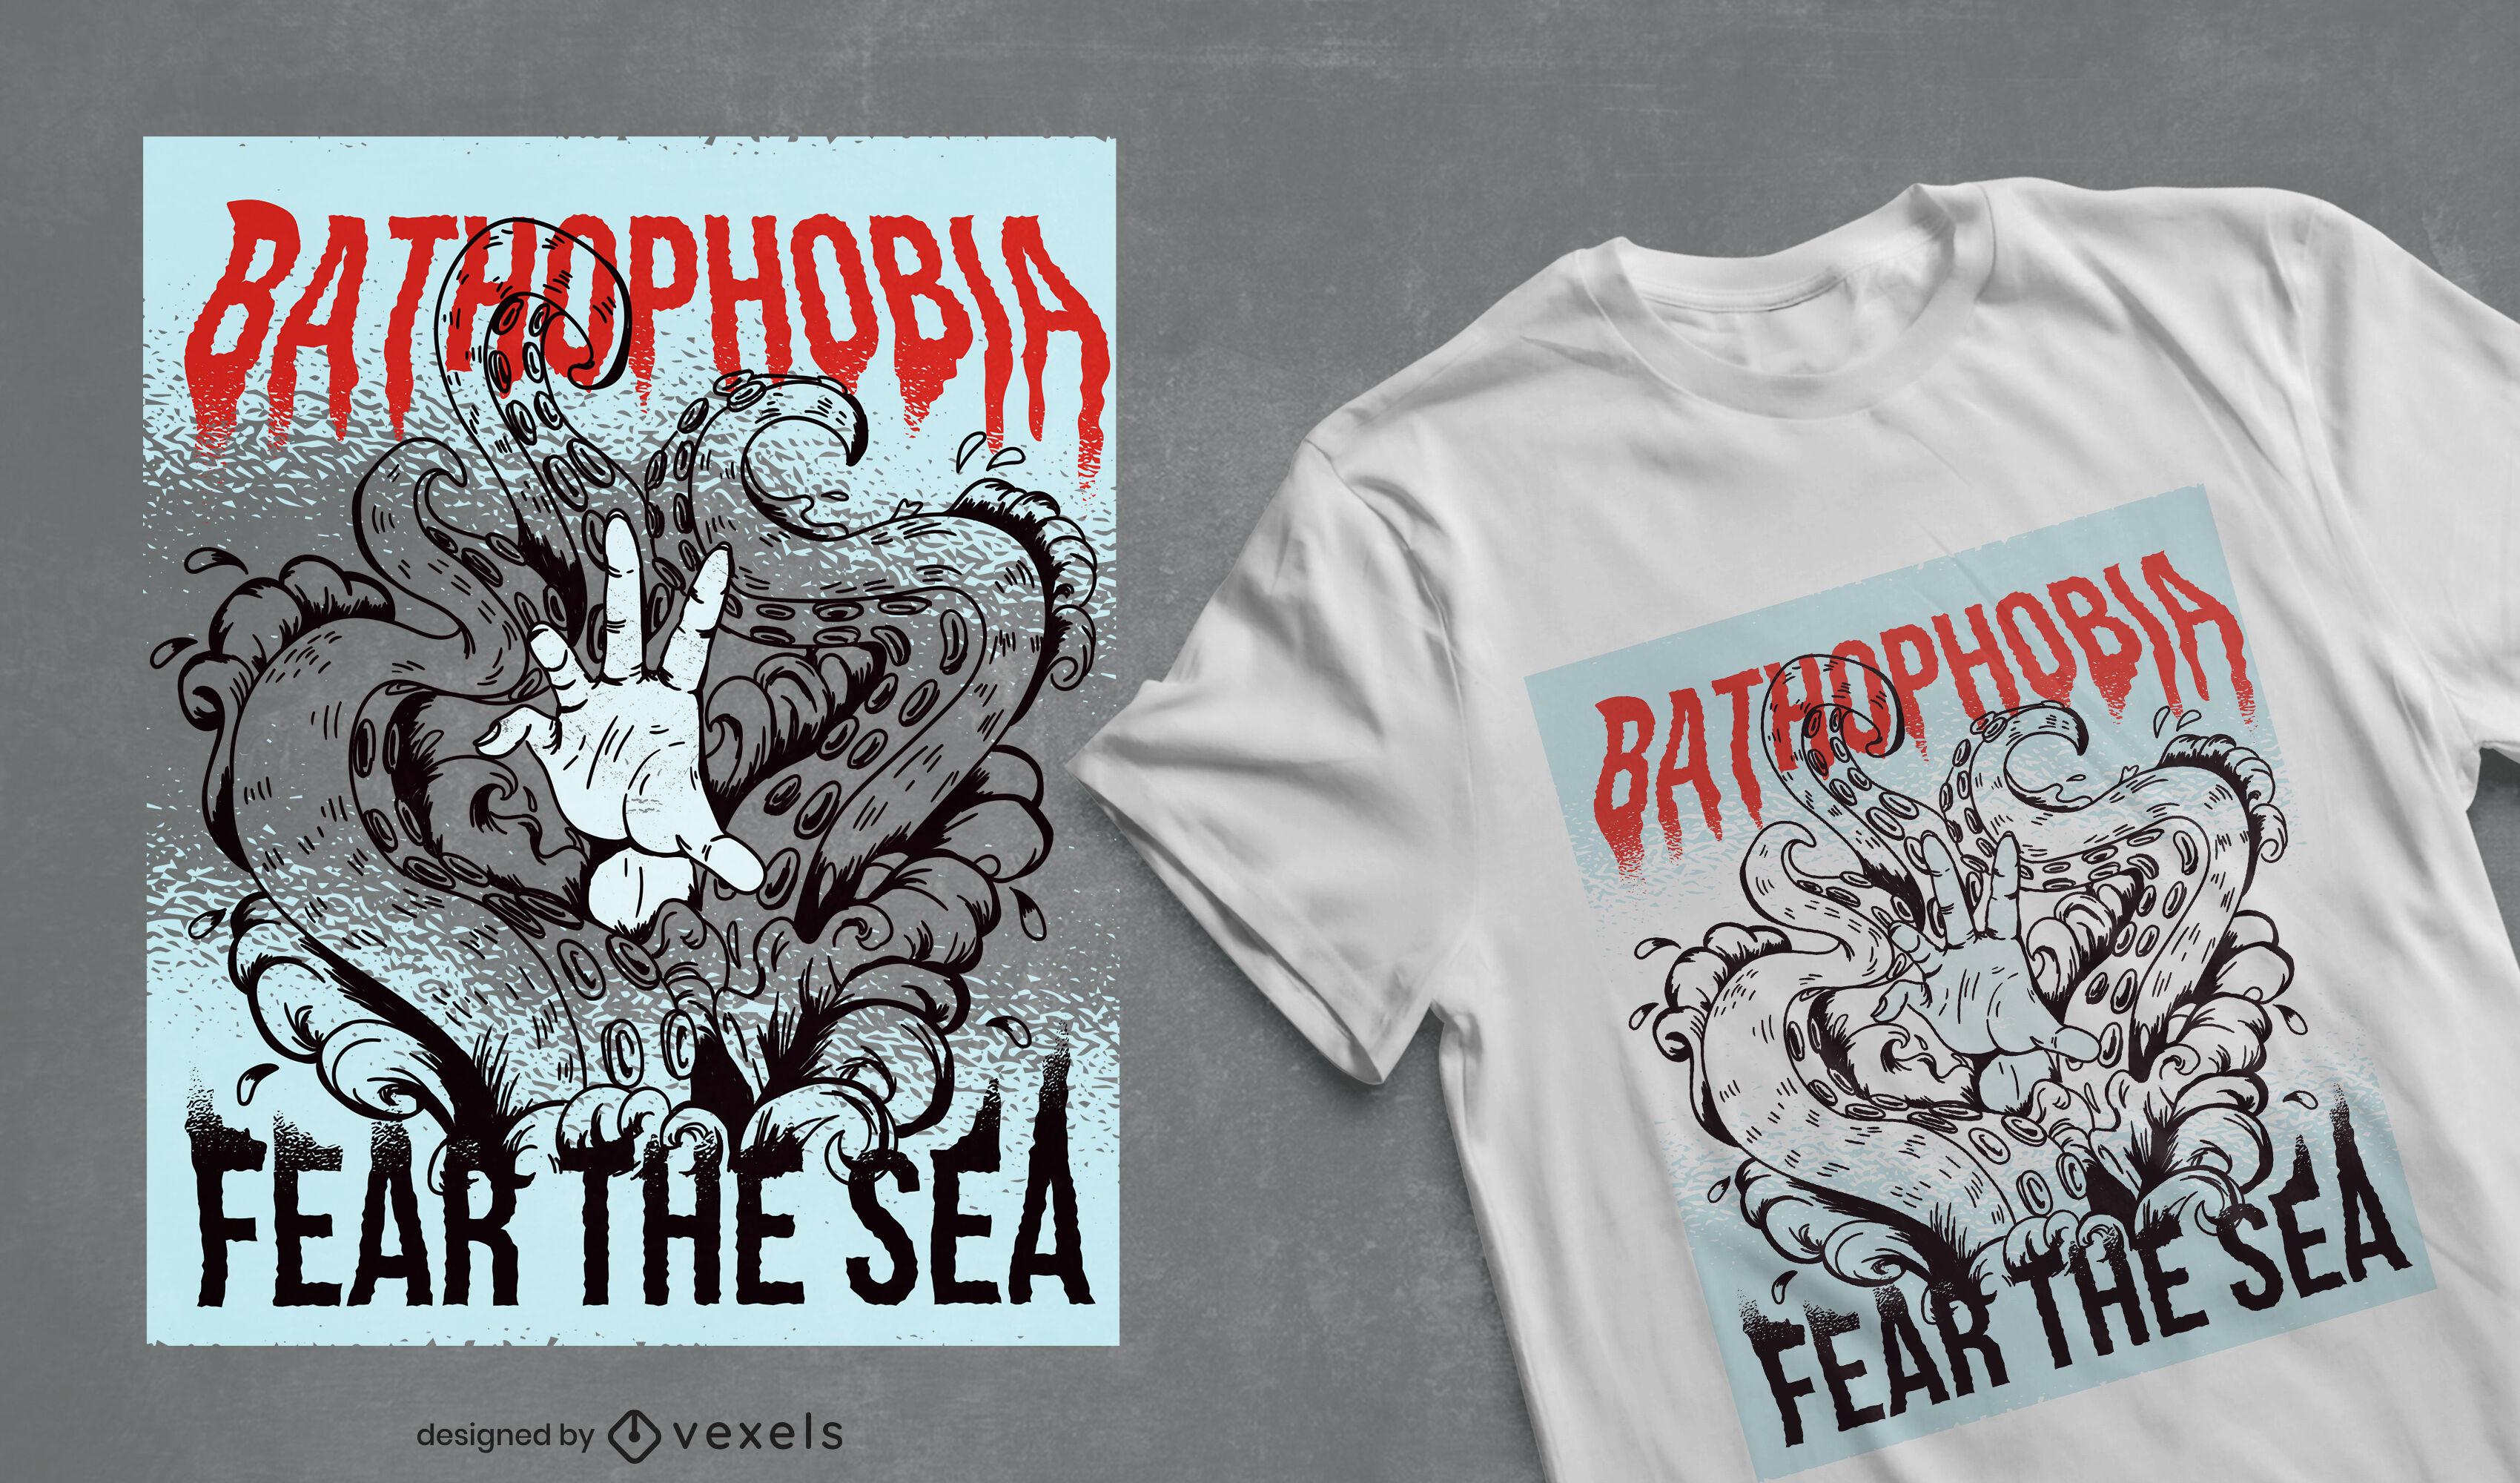 Fear the sea t-shirt design